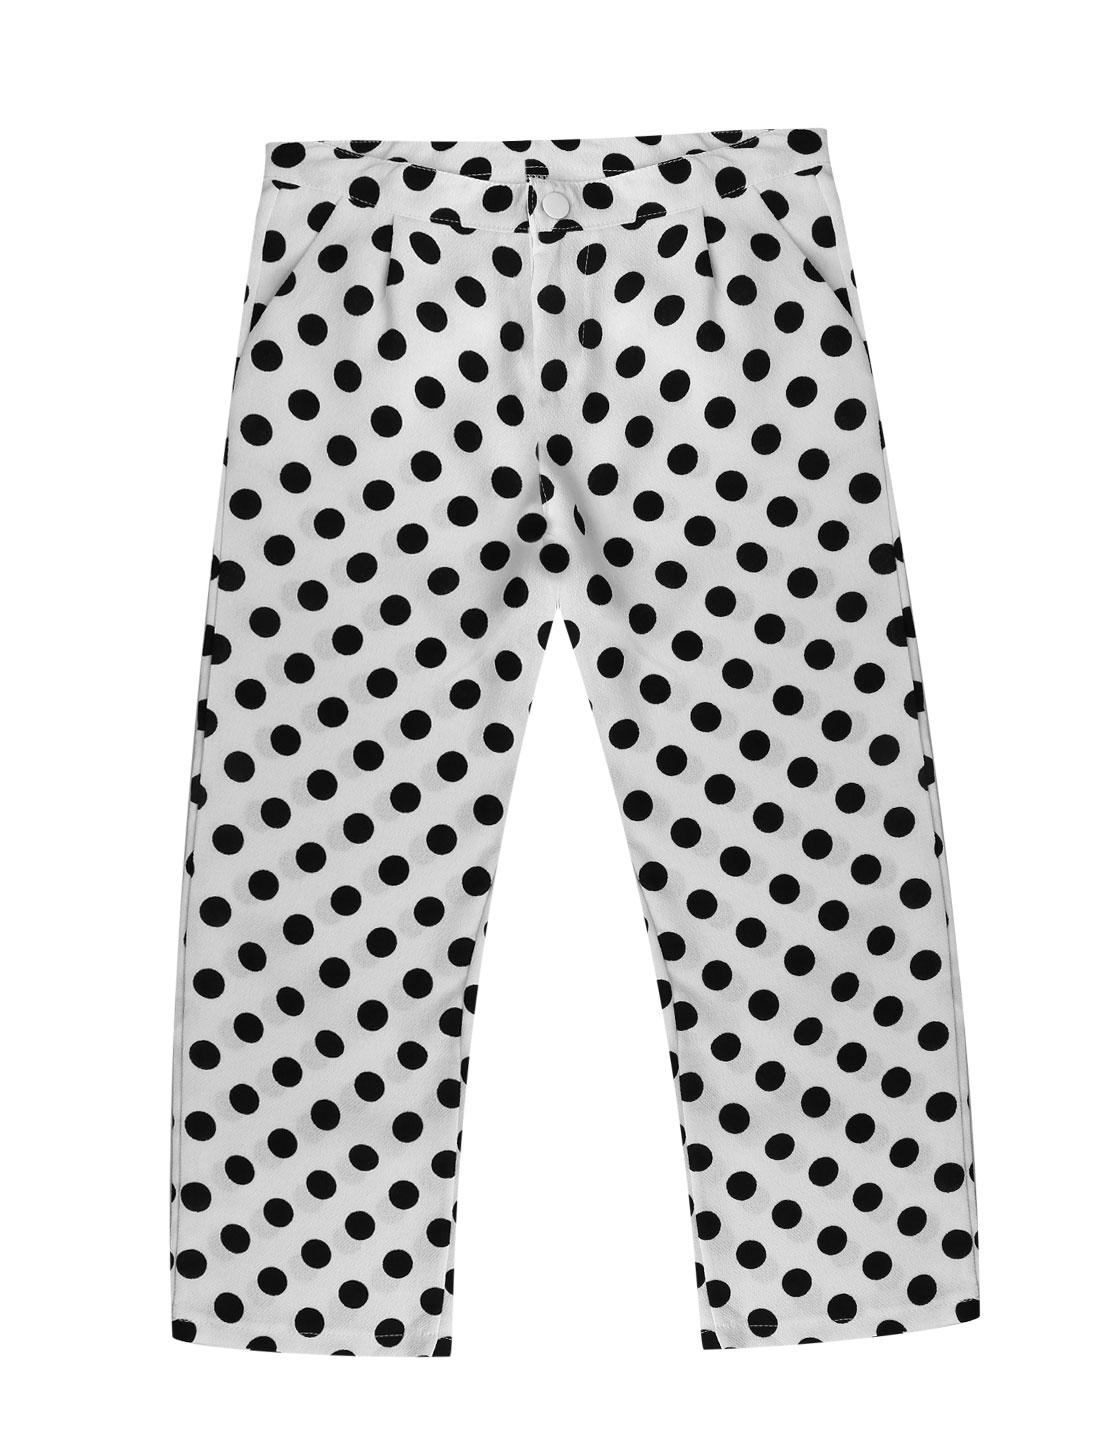 Woman Polka Dots Prints Button Closure Zip Fly Capris Pants White M